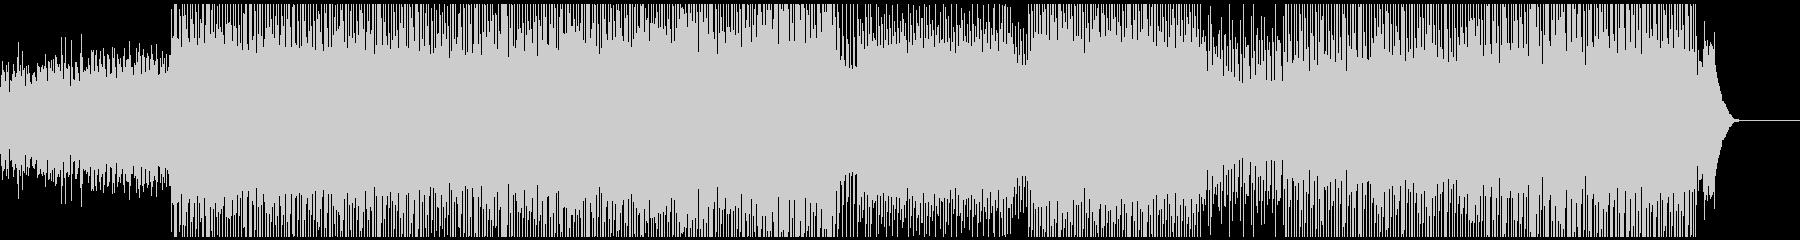 荒ぶるEDMの未再生の波形